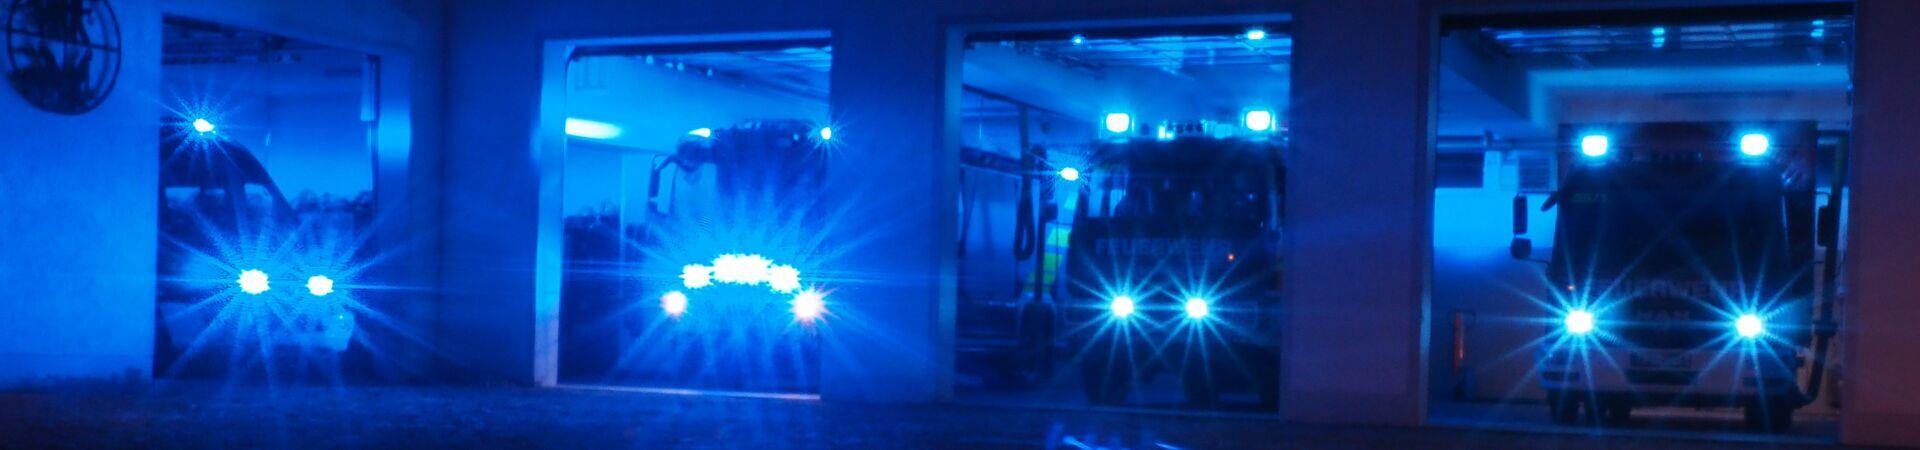 Blaulichtchallenge